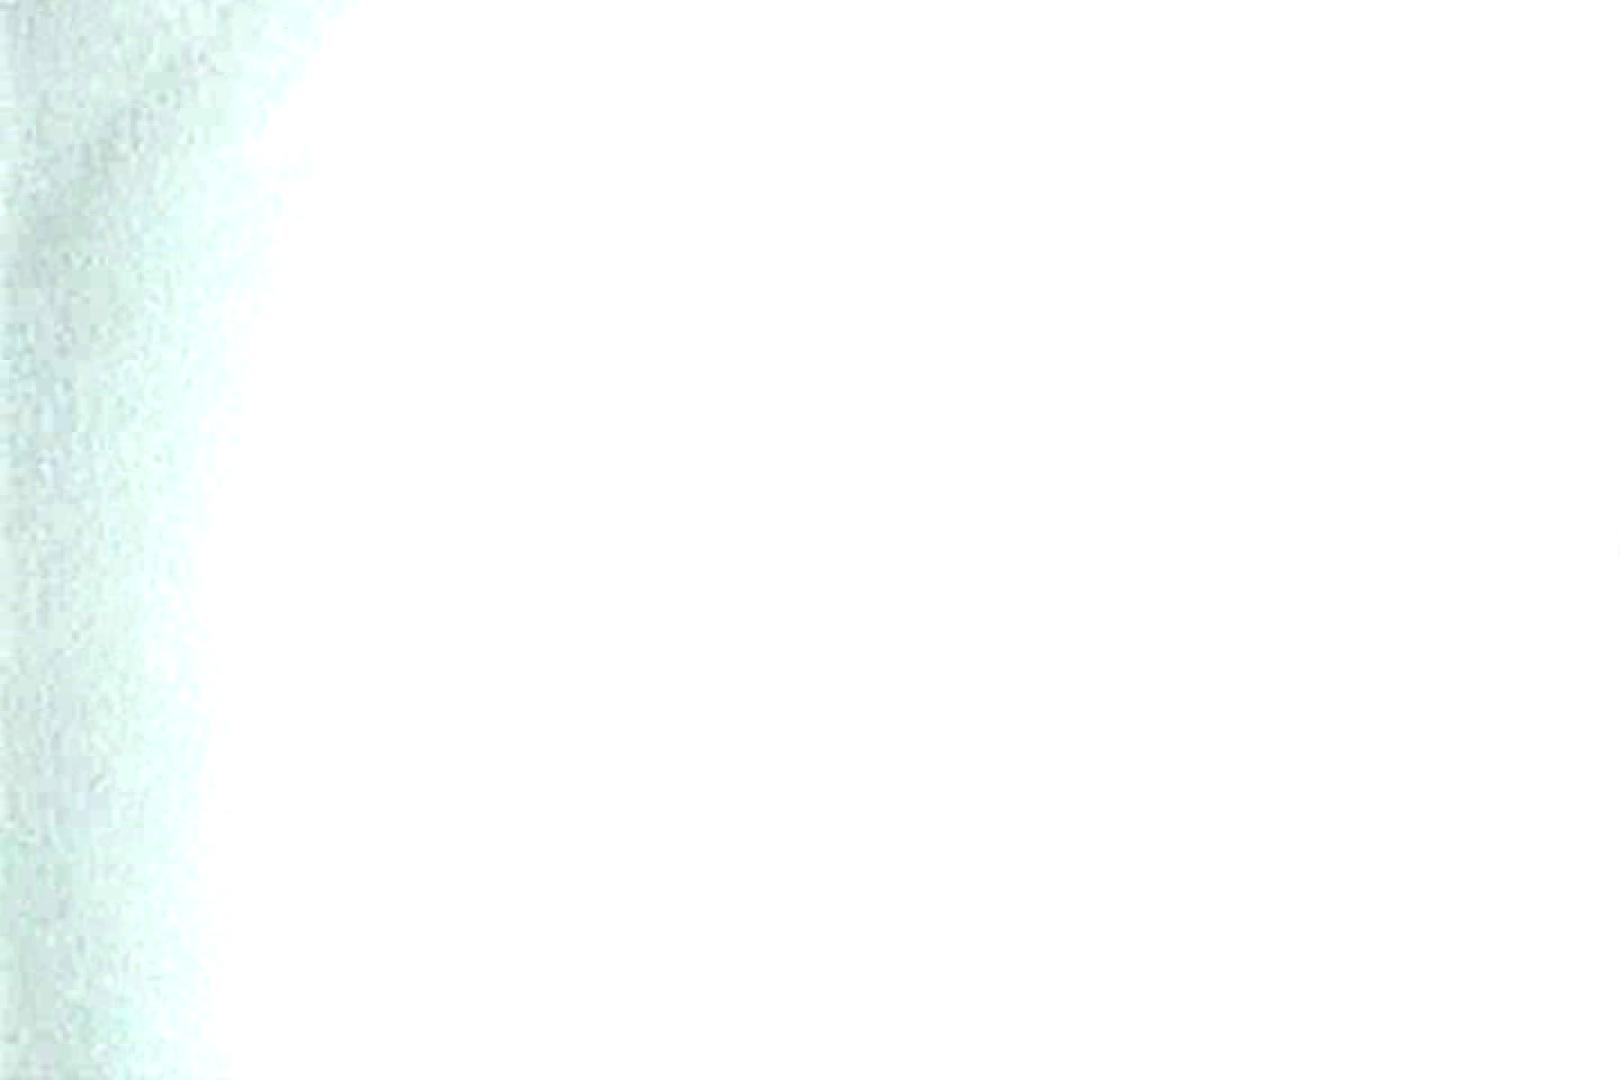 充血監督の深夜の運動会Vol.14 セックス セックス無修正動画無料 103画像 28